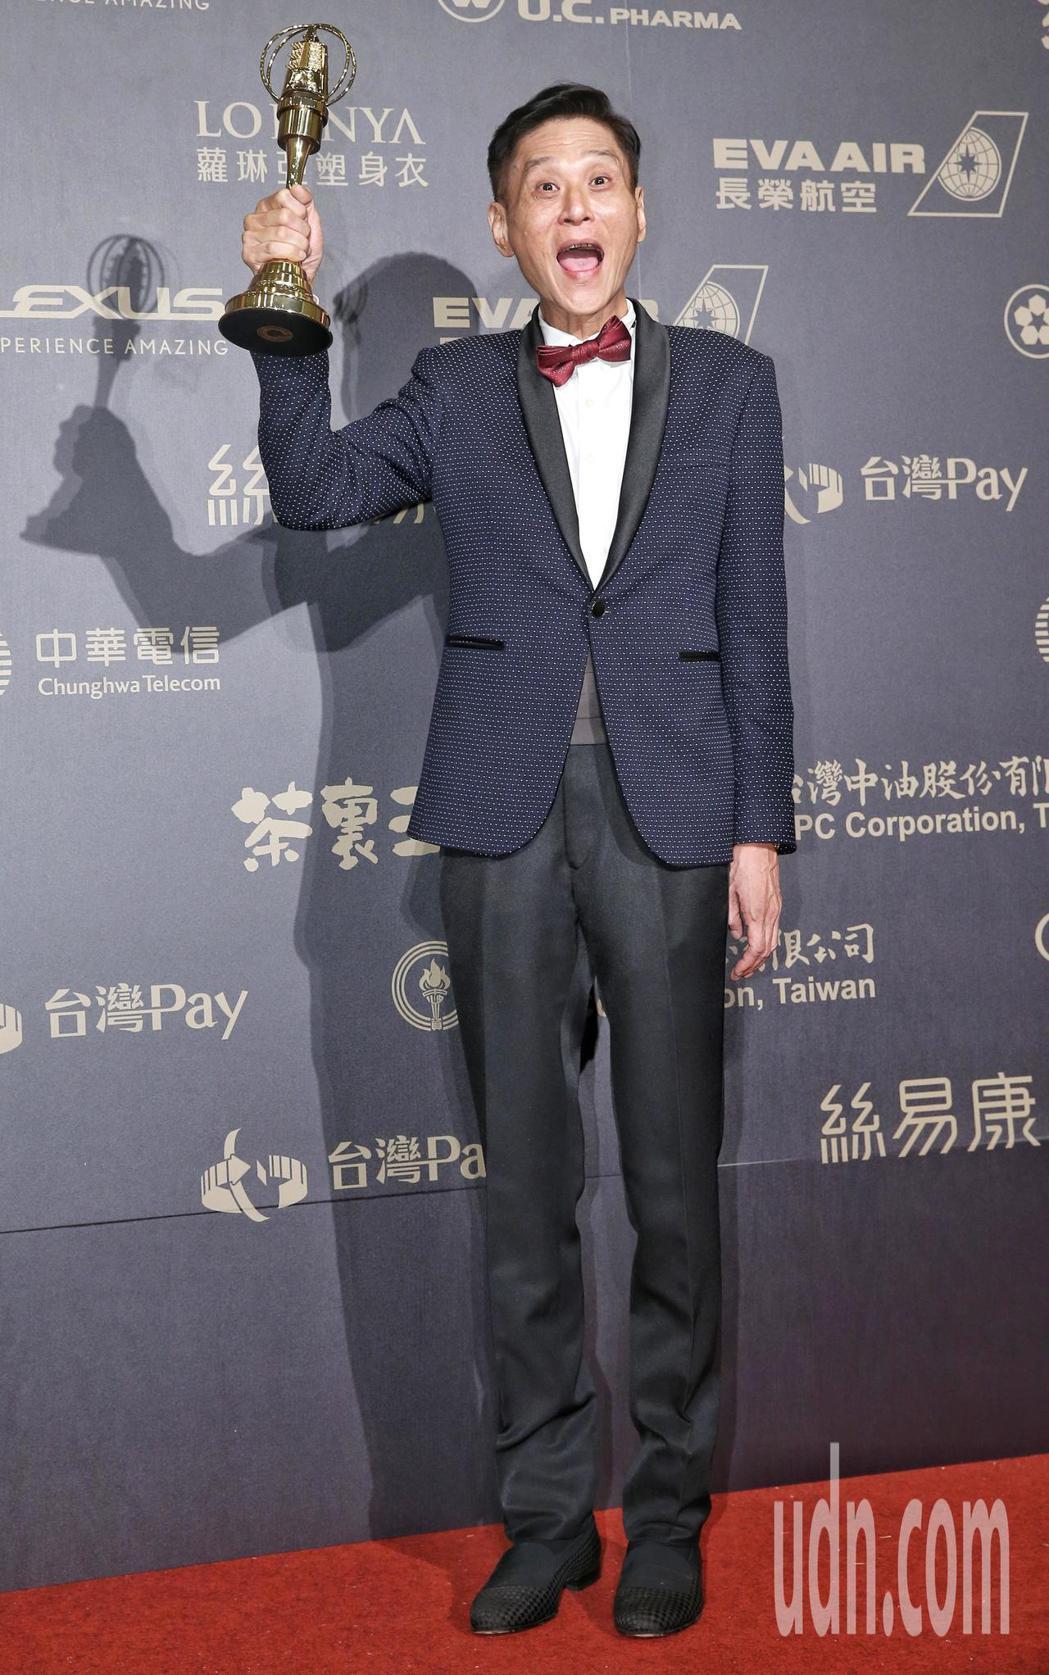 喜翔獲迷你劇集(電視電影)男配角獎。記者鄭清元/攝影